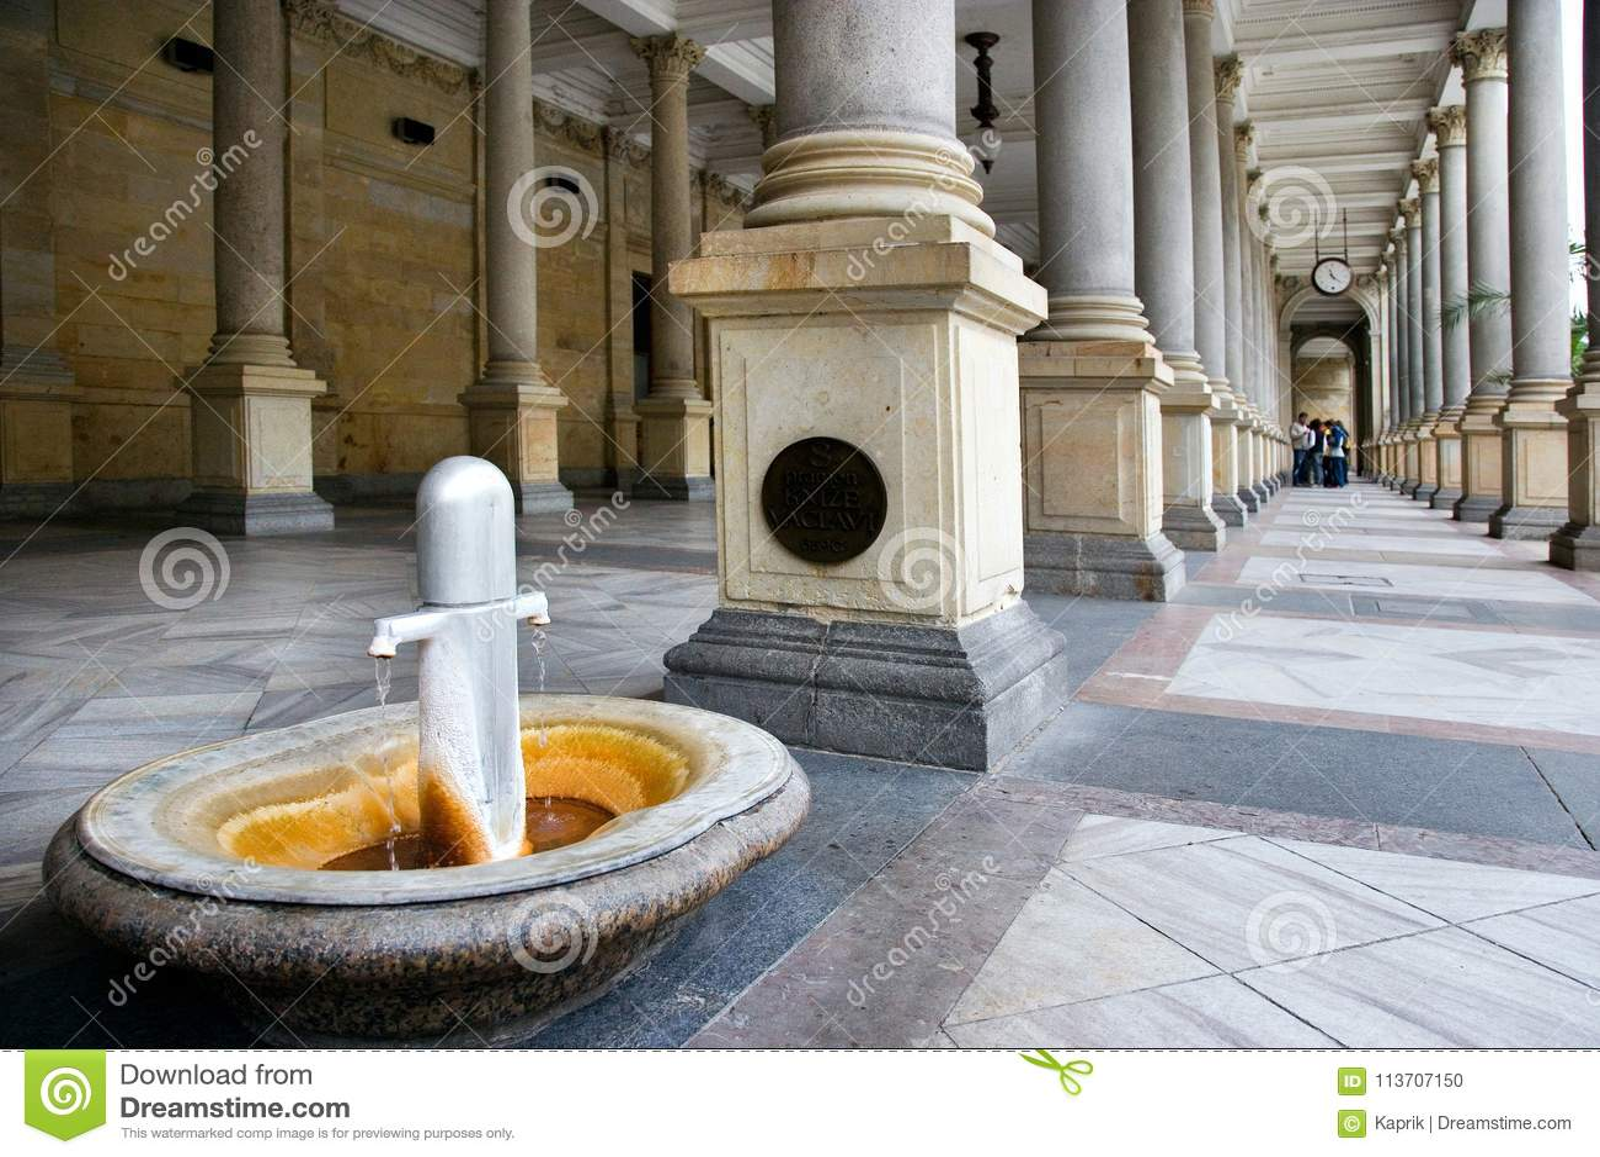 Mahlen Sie Kolonnade in der Badekurortstadt Karlovy Vary, West-Böhmen, Tschechische Republik